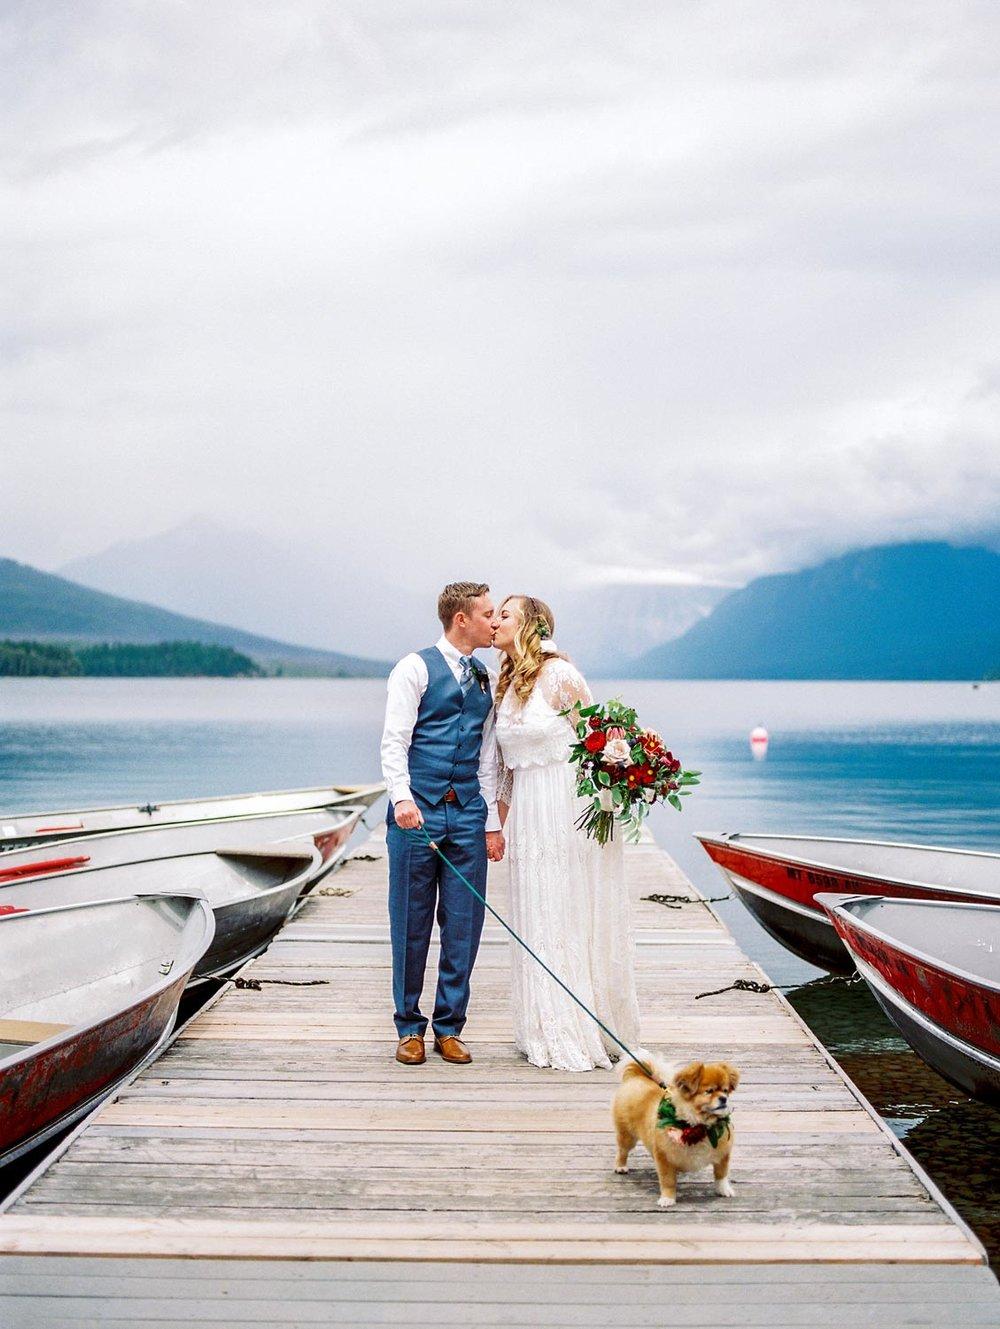 Destination  wedding planning at Glacier National Park